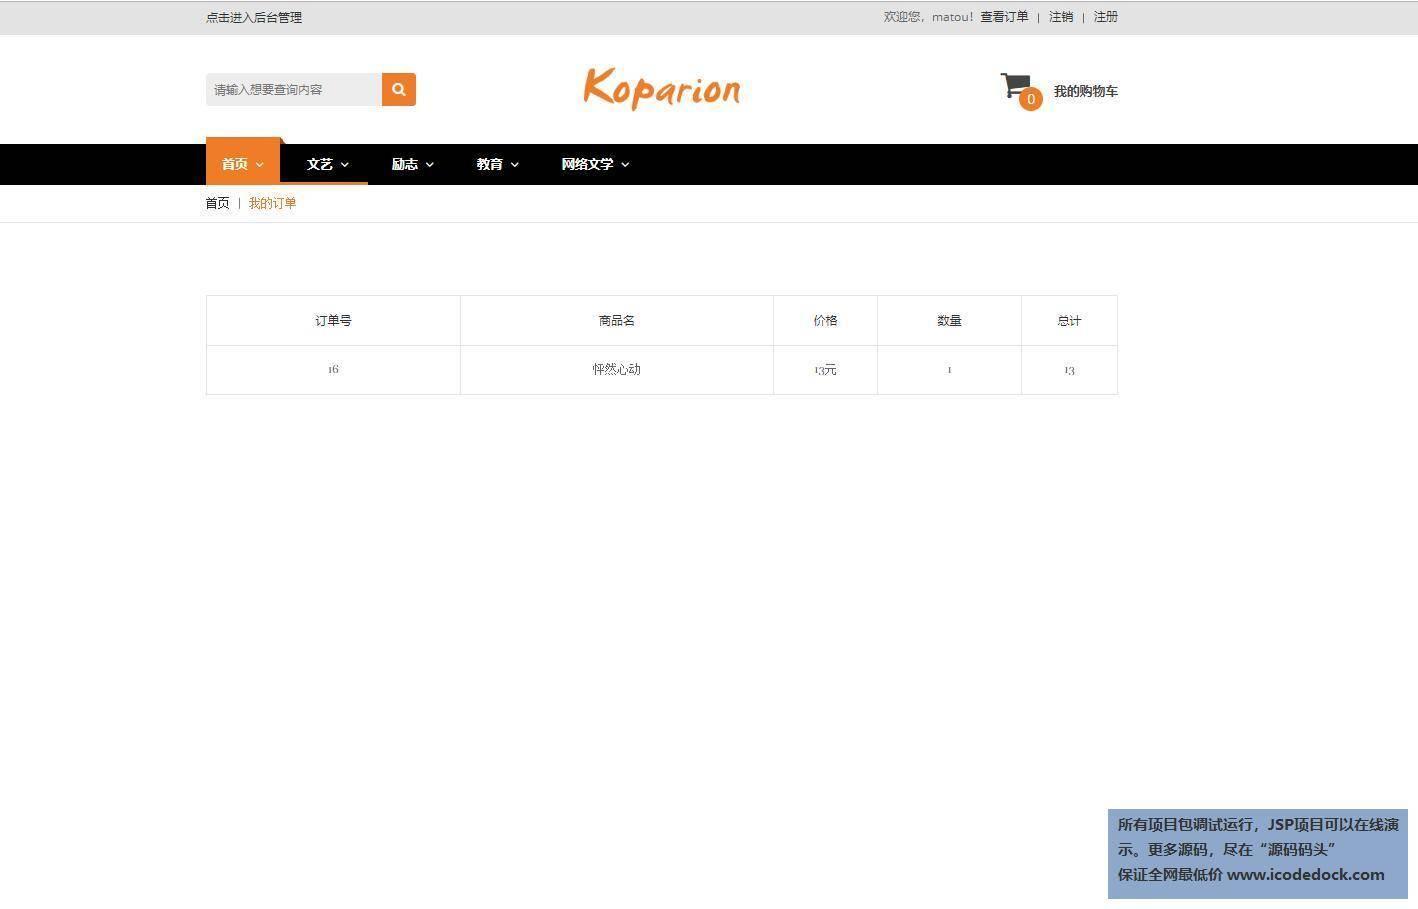 源码码头-JSP图书商城管理系统-用户角色-查看我的订单